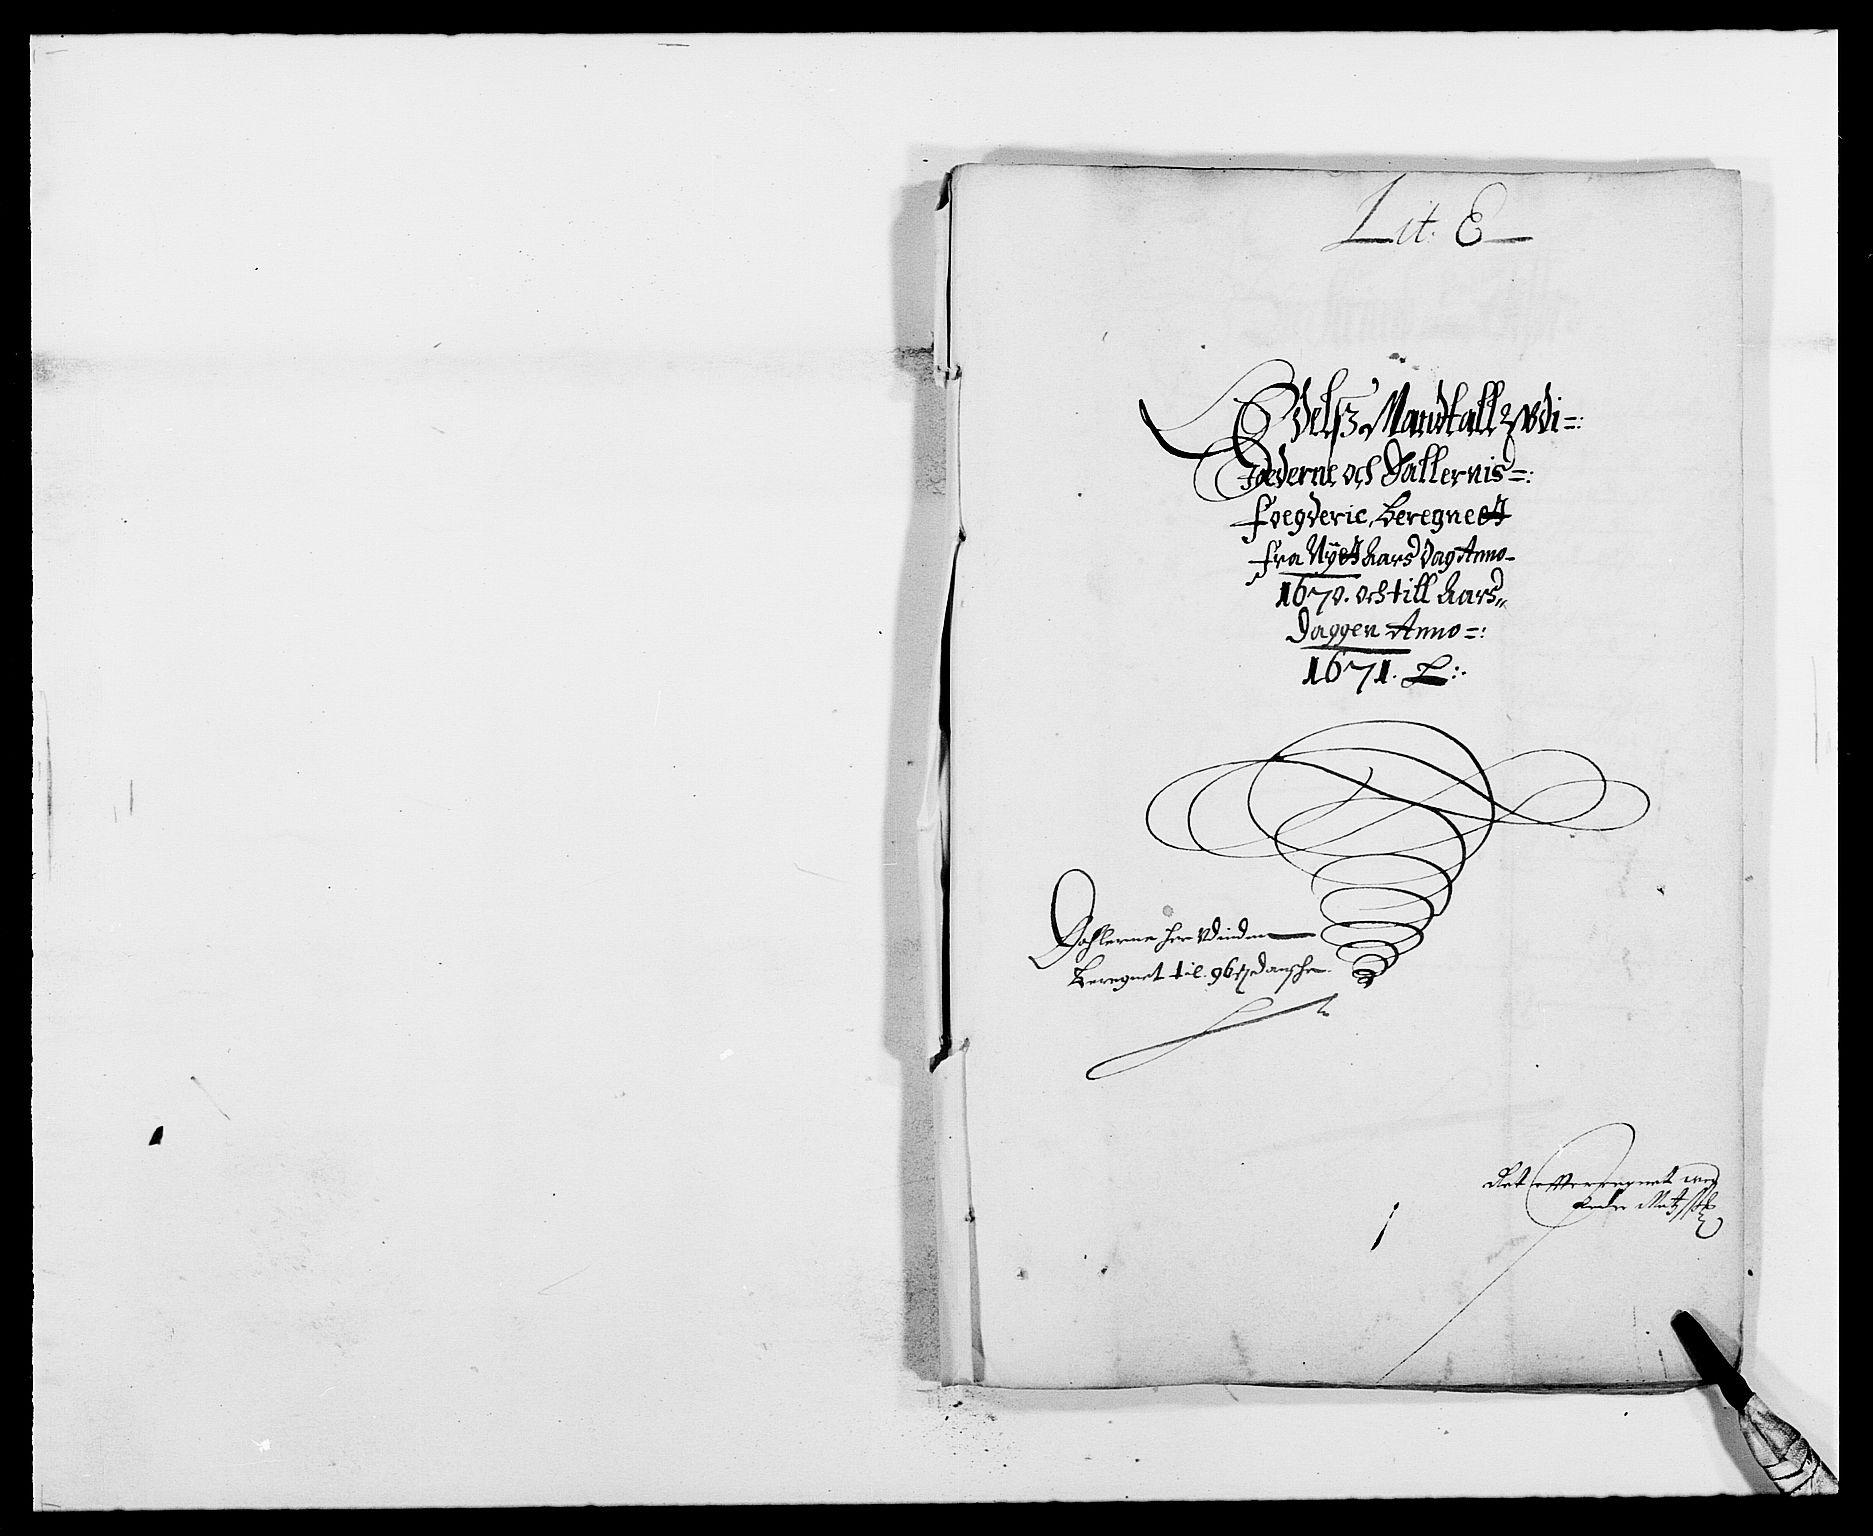 RA, Rentekammeret inntil 1814, Reviderte regnskaper, Fogderegnskap, R46/L2712: Fogderegnskap Jæren og Dalane, 1670-1671, s. 115